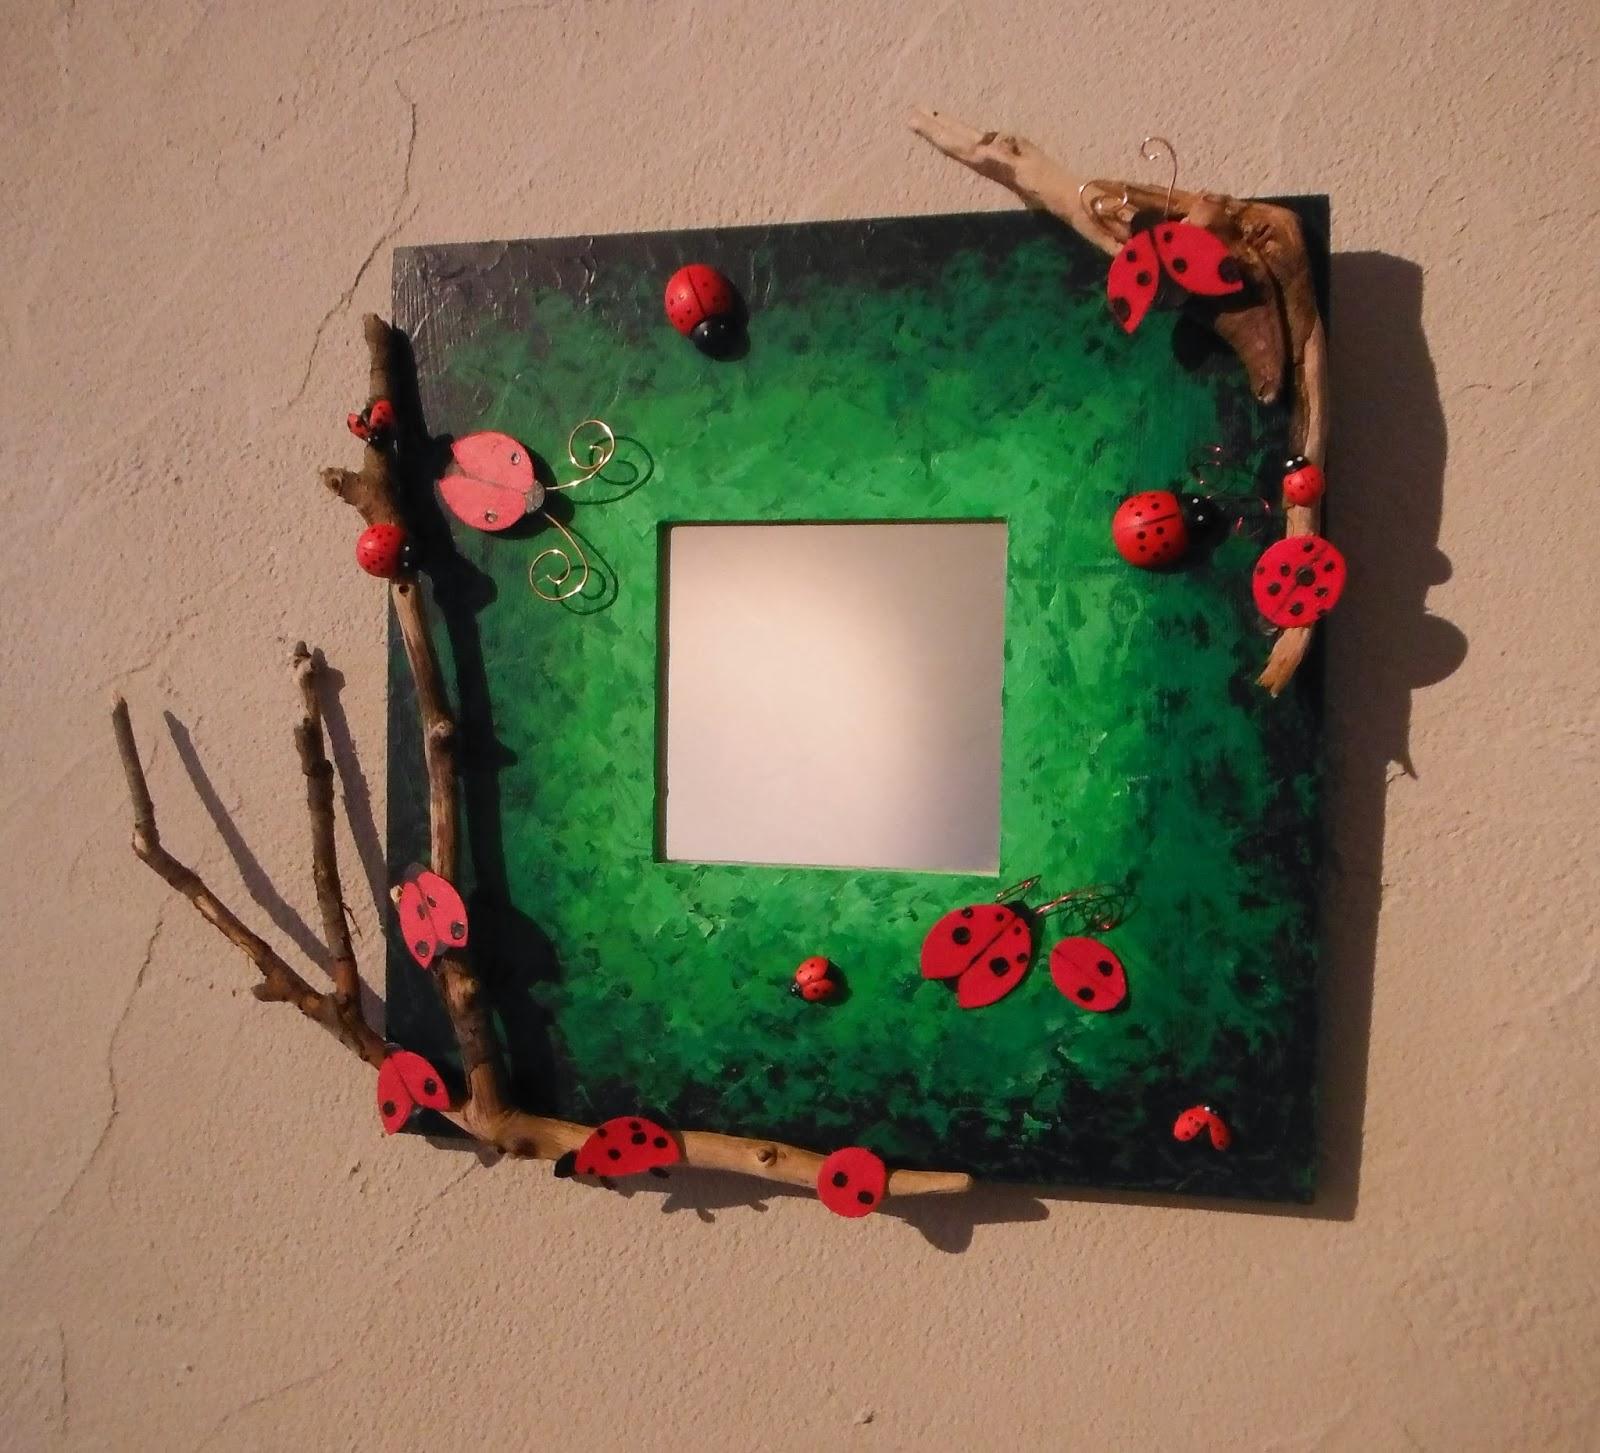 décoration personnalisée chambre bebe fille garçon miroir coccinelle par créateur et artiste severine peugniez